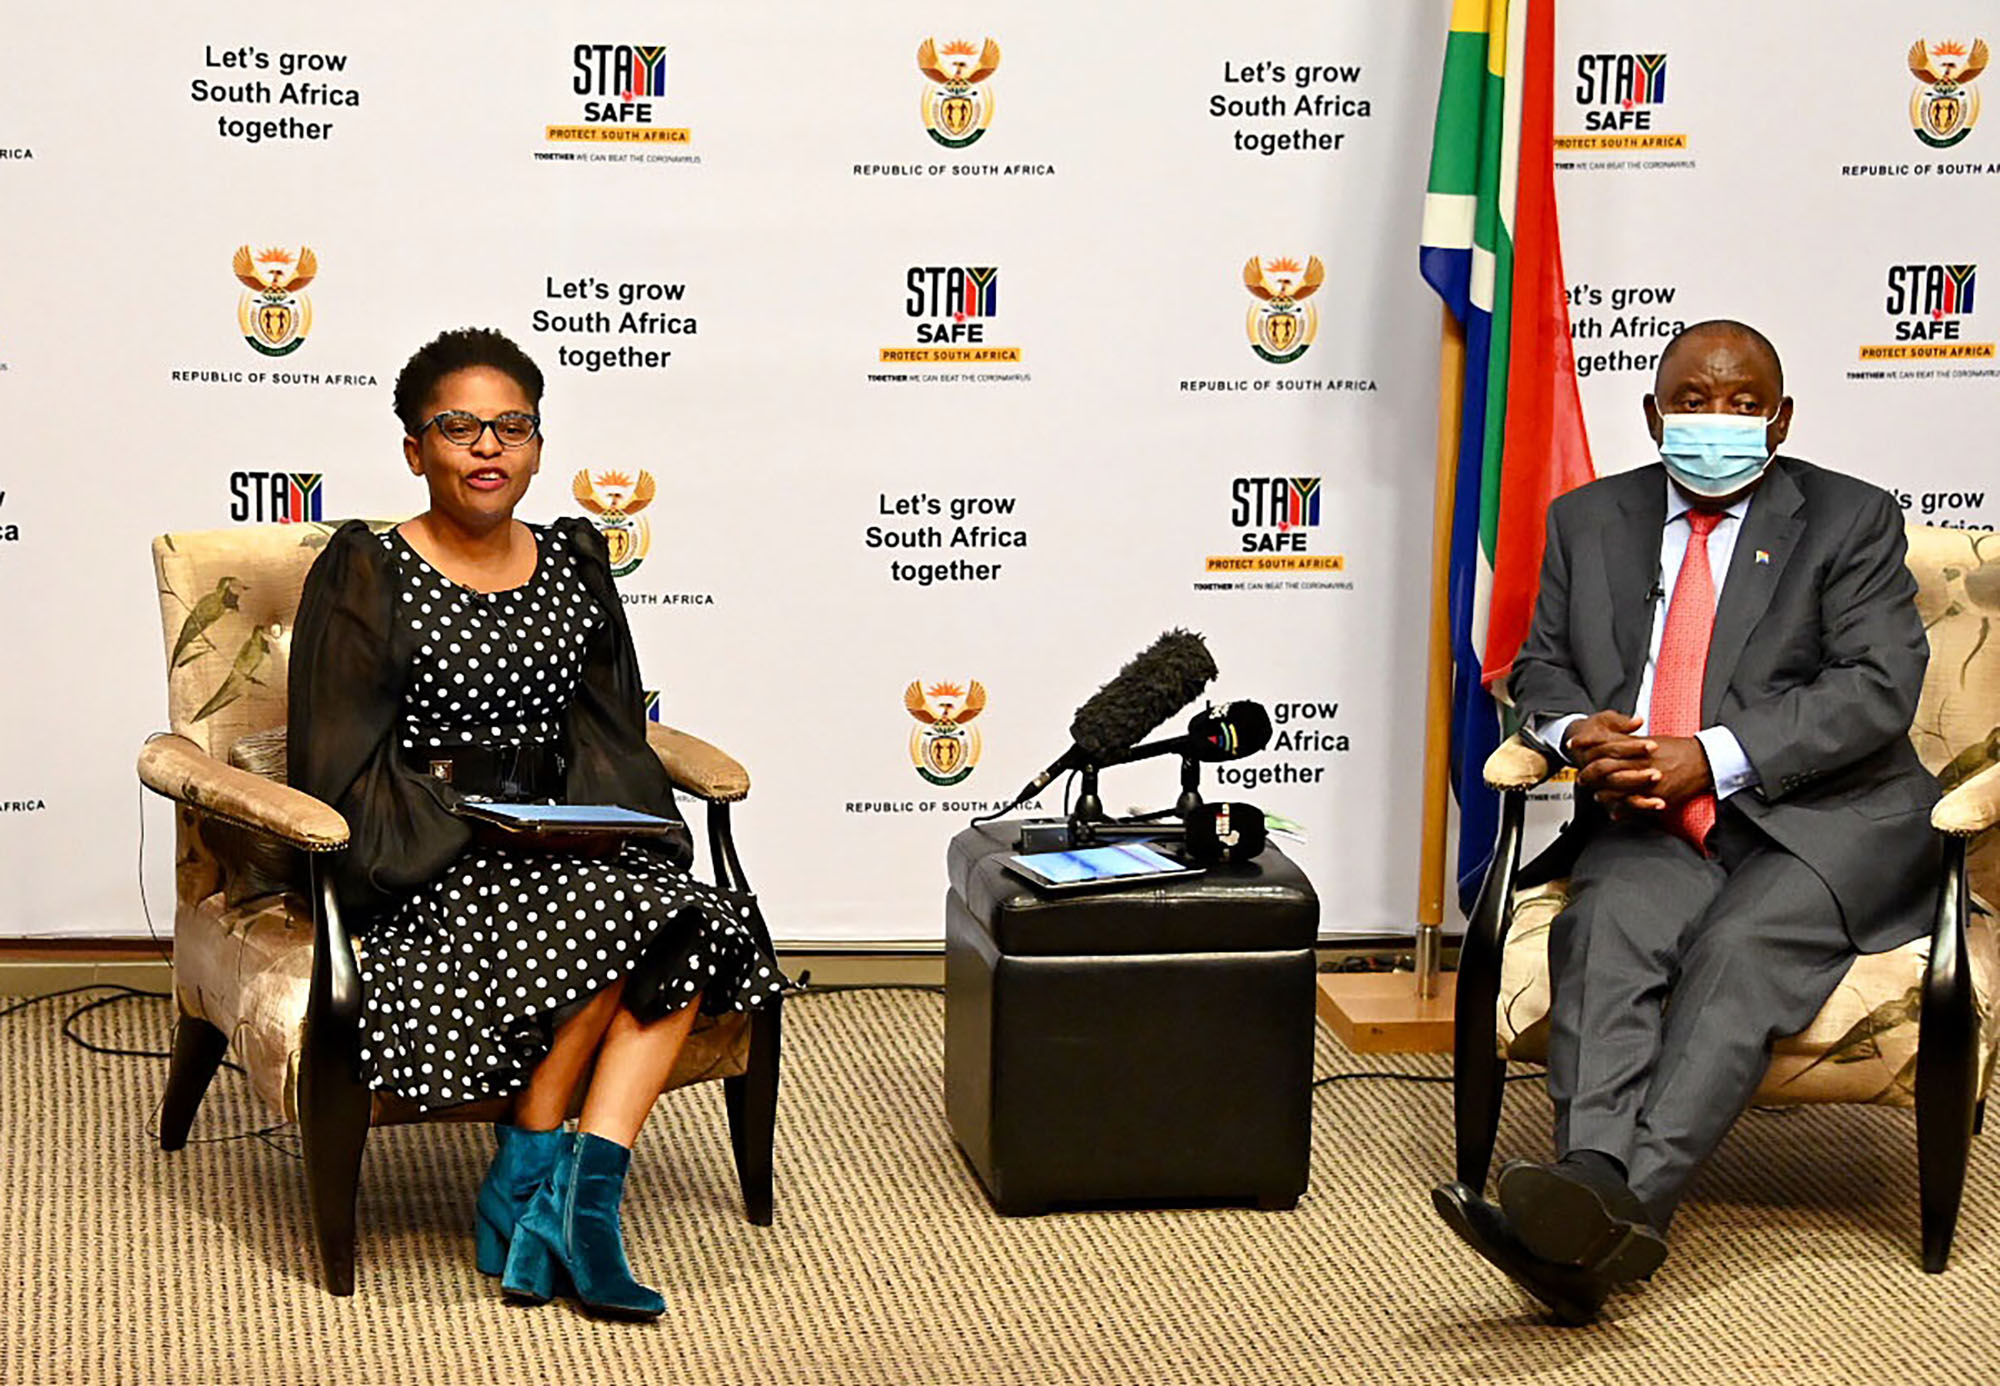 Ramaphosa and Ntshaveni